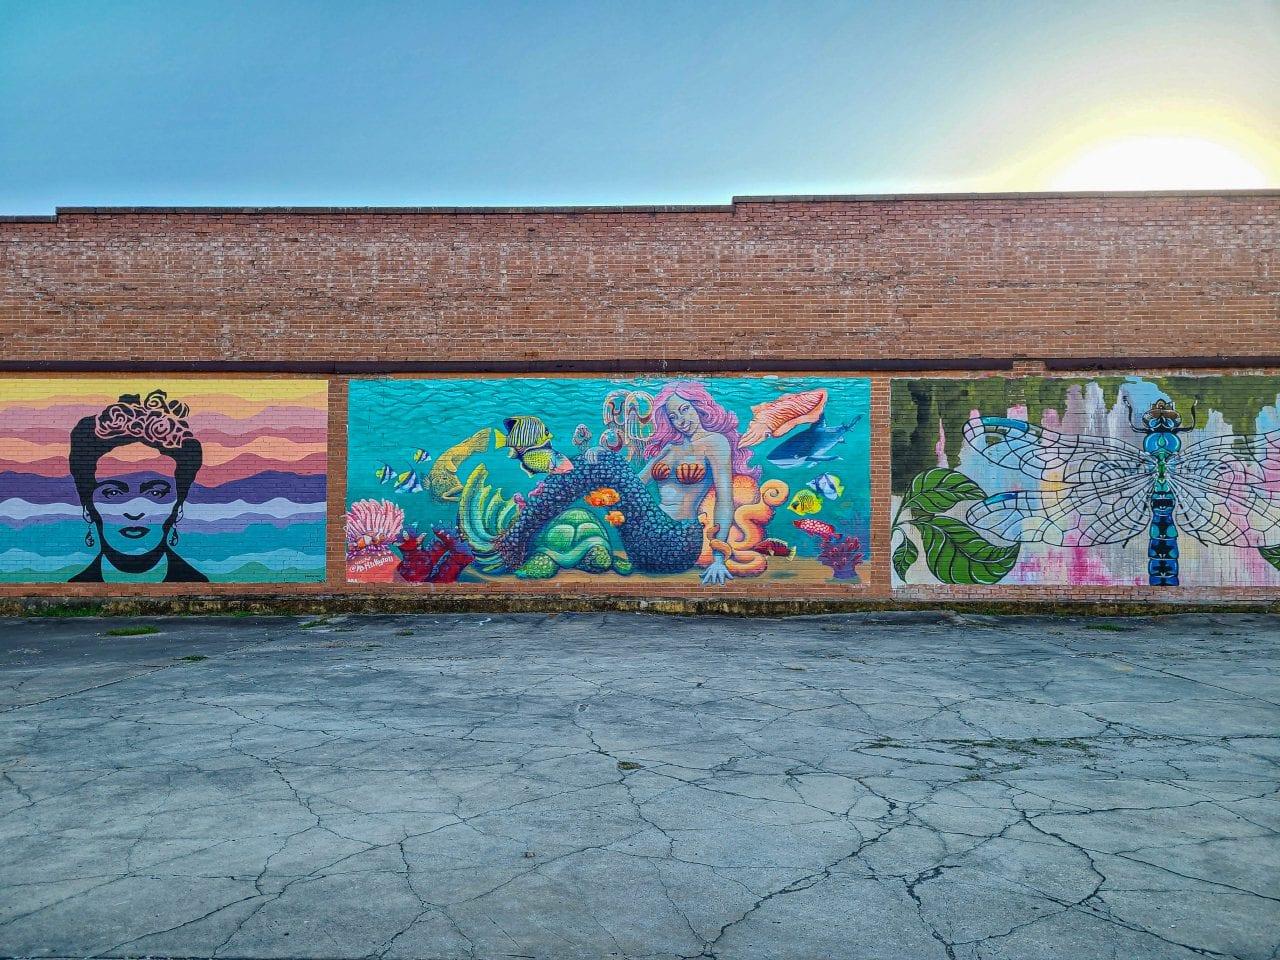 Fannin Street murals